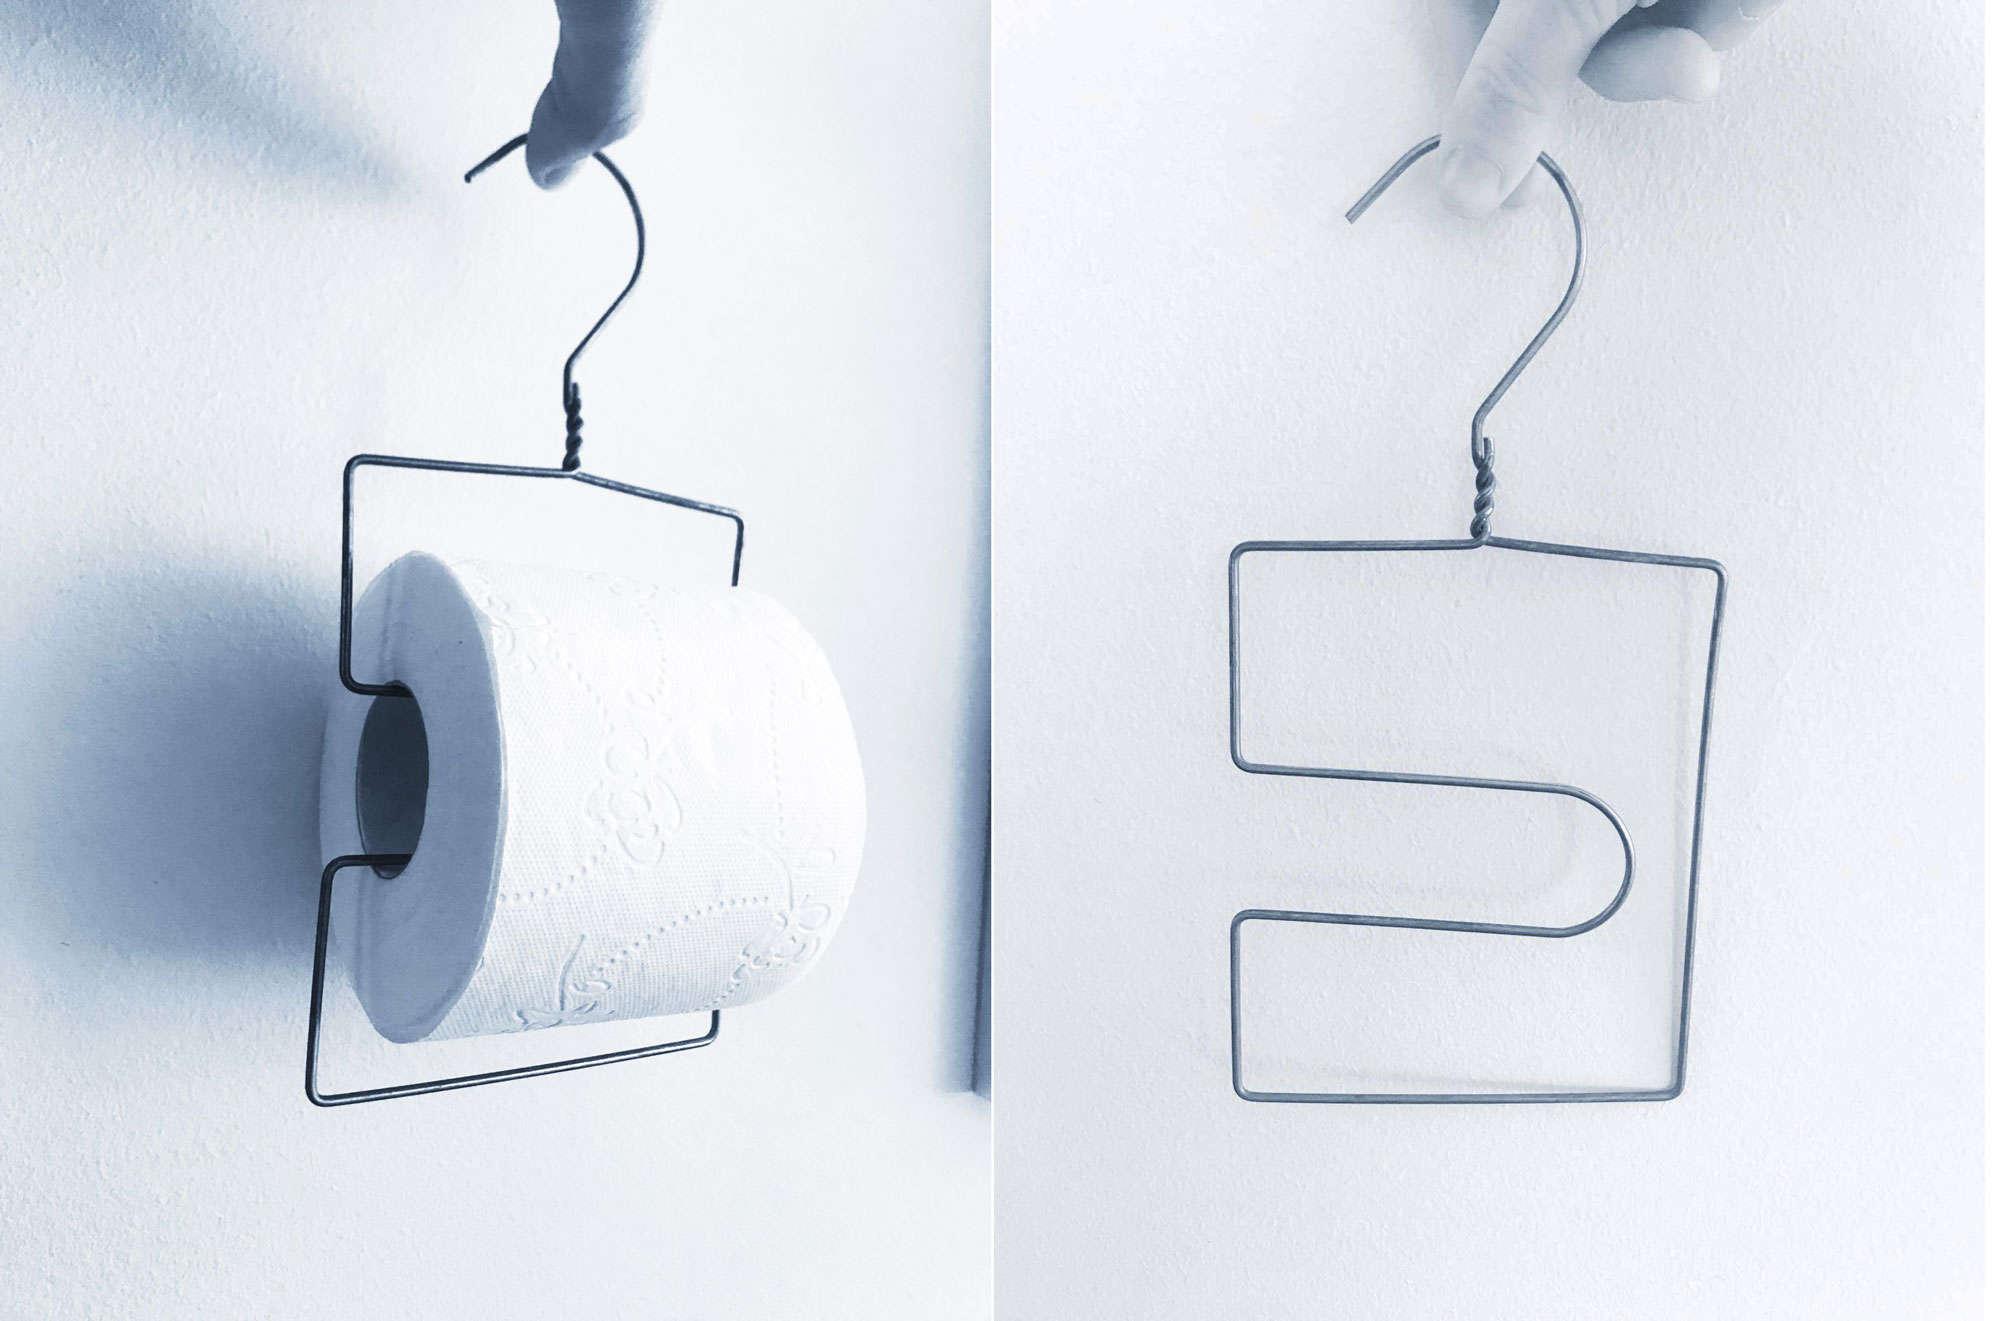 DIY: Gör en toarullehållare av en galge från kemtvätten